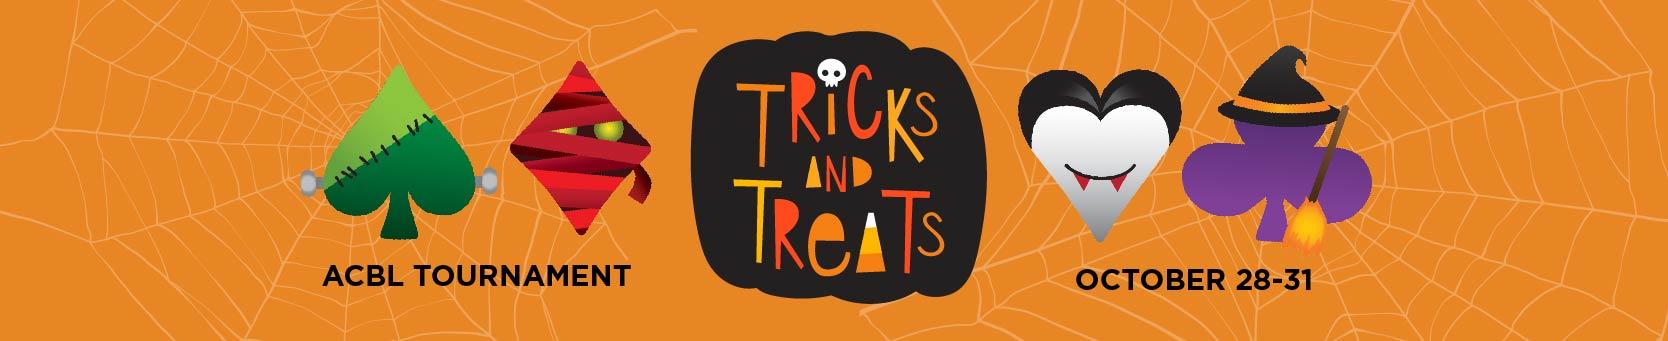 Tricks and Treats ACBL Tournament